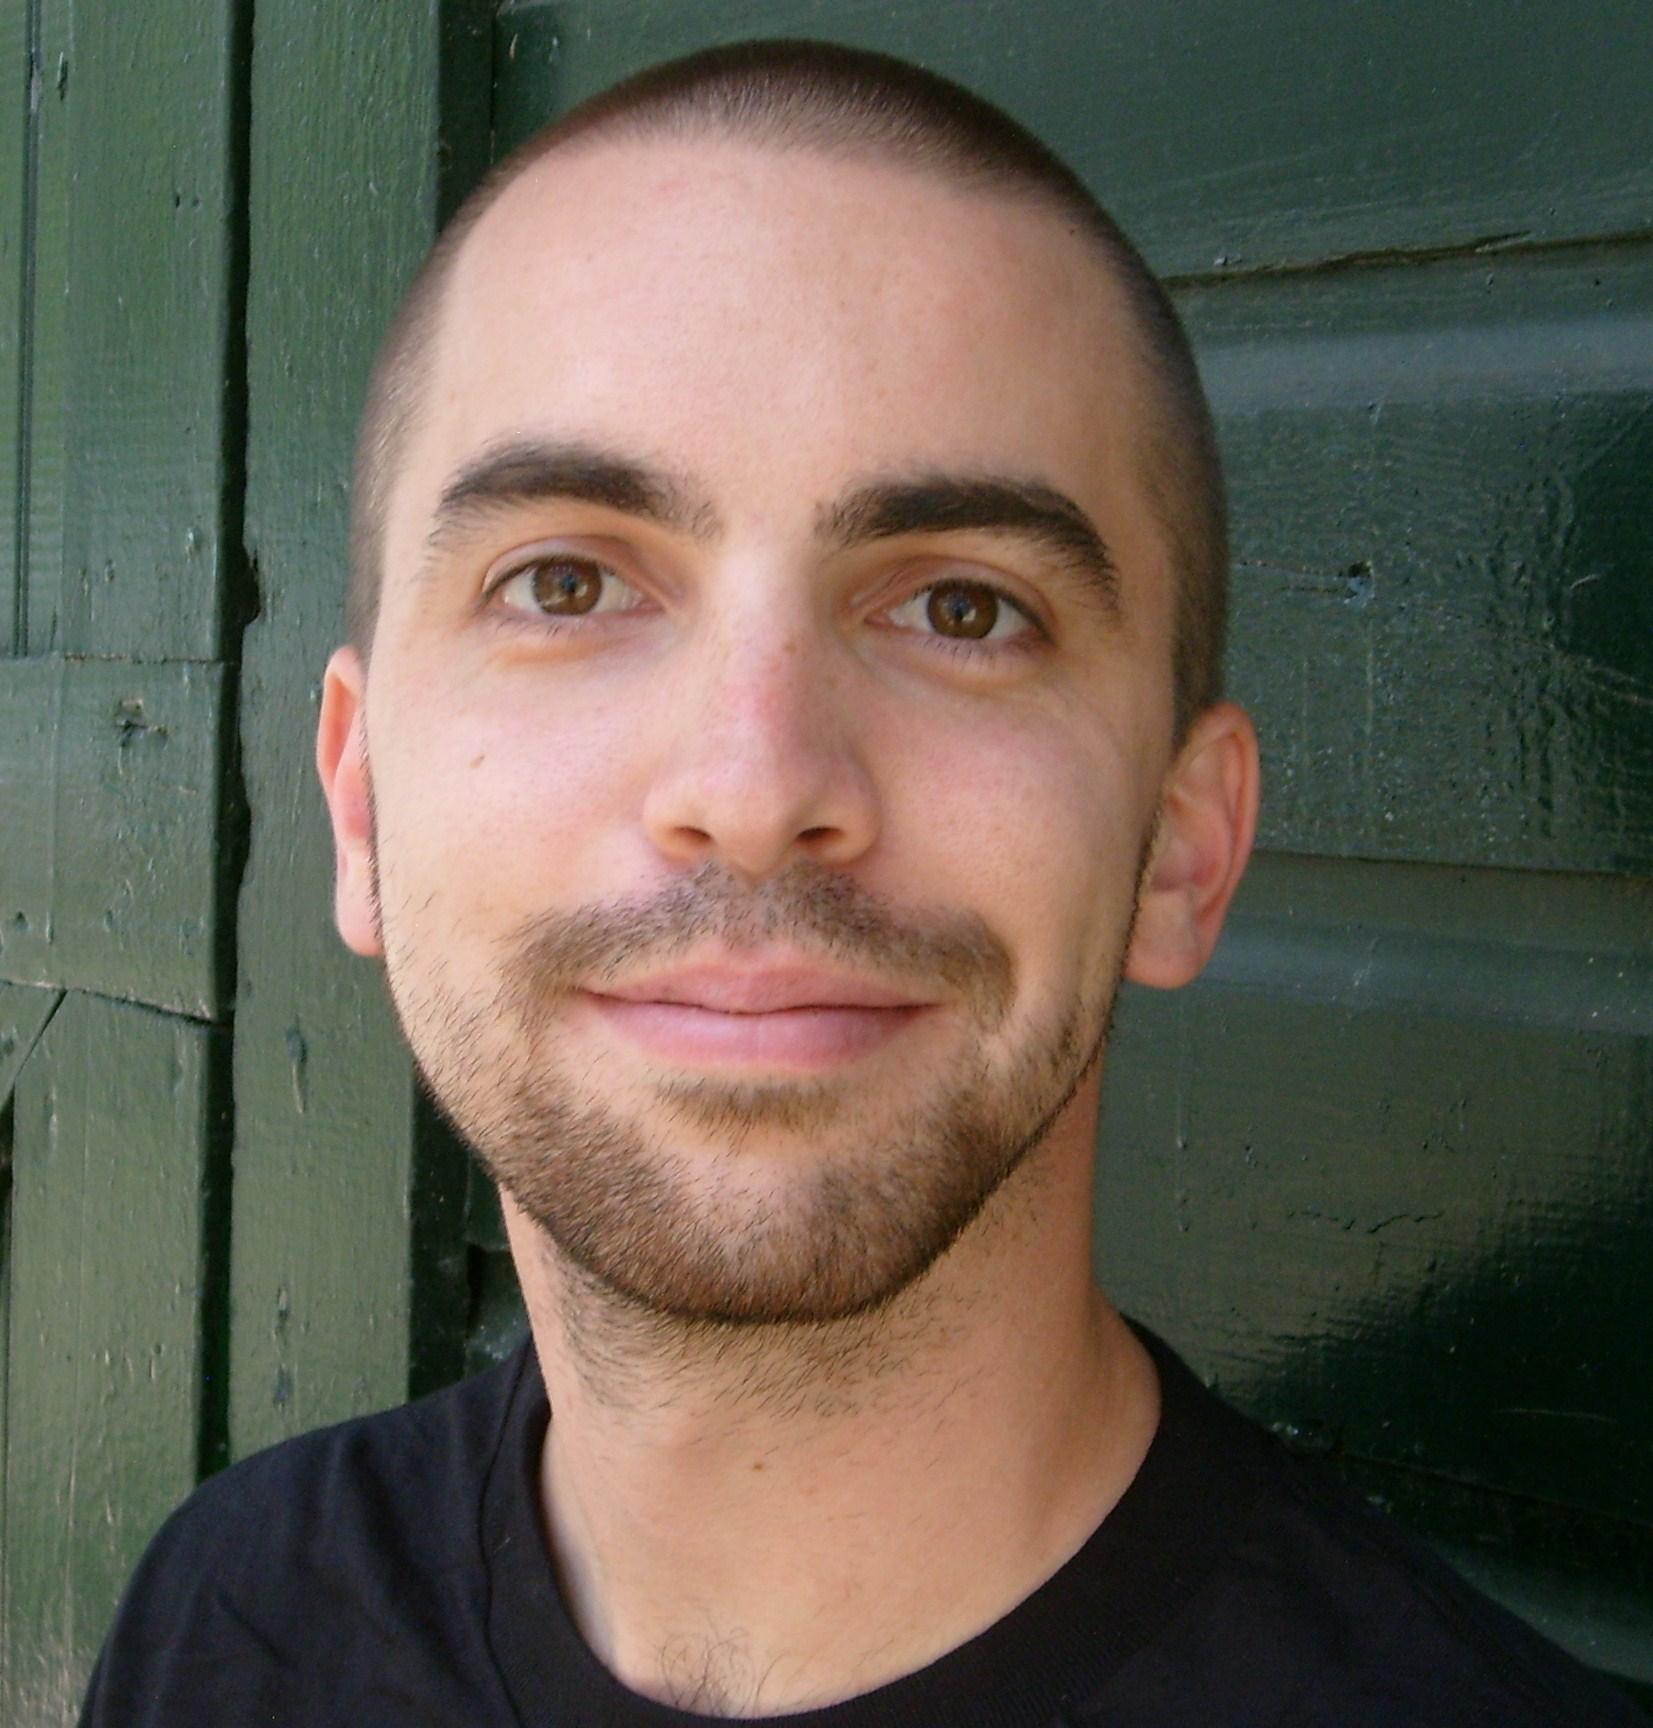 Zach Savich